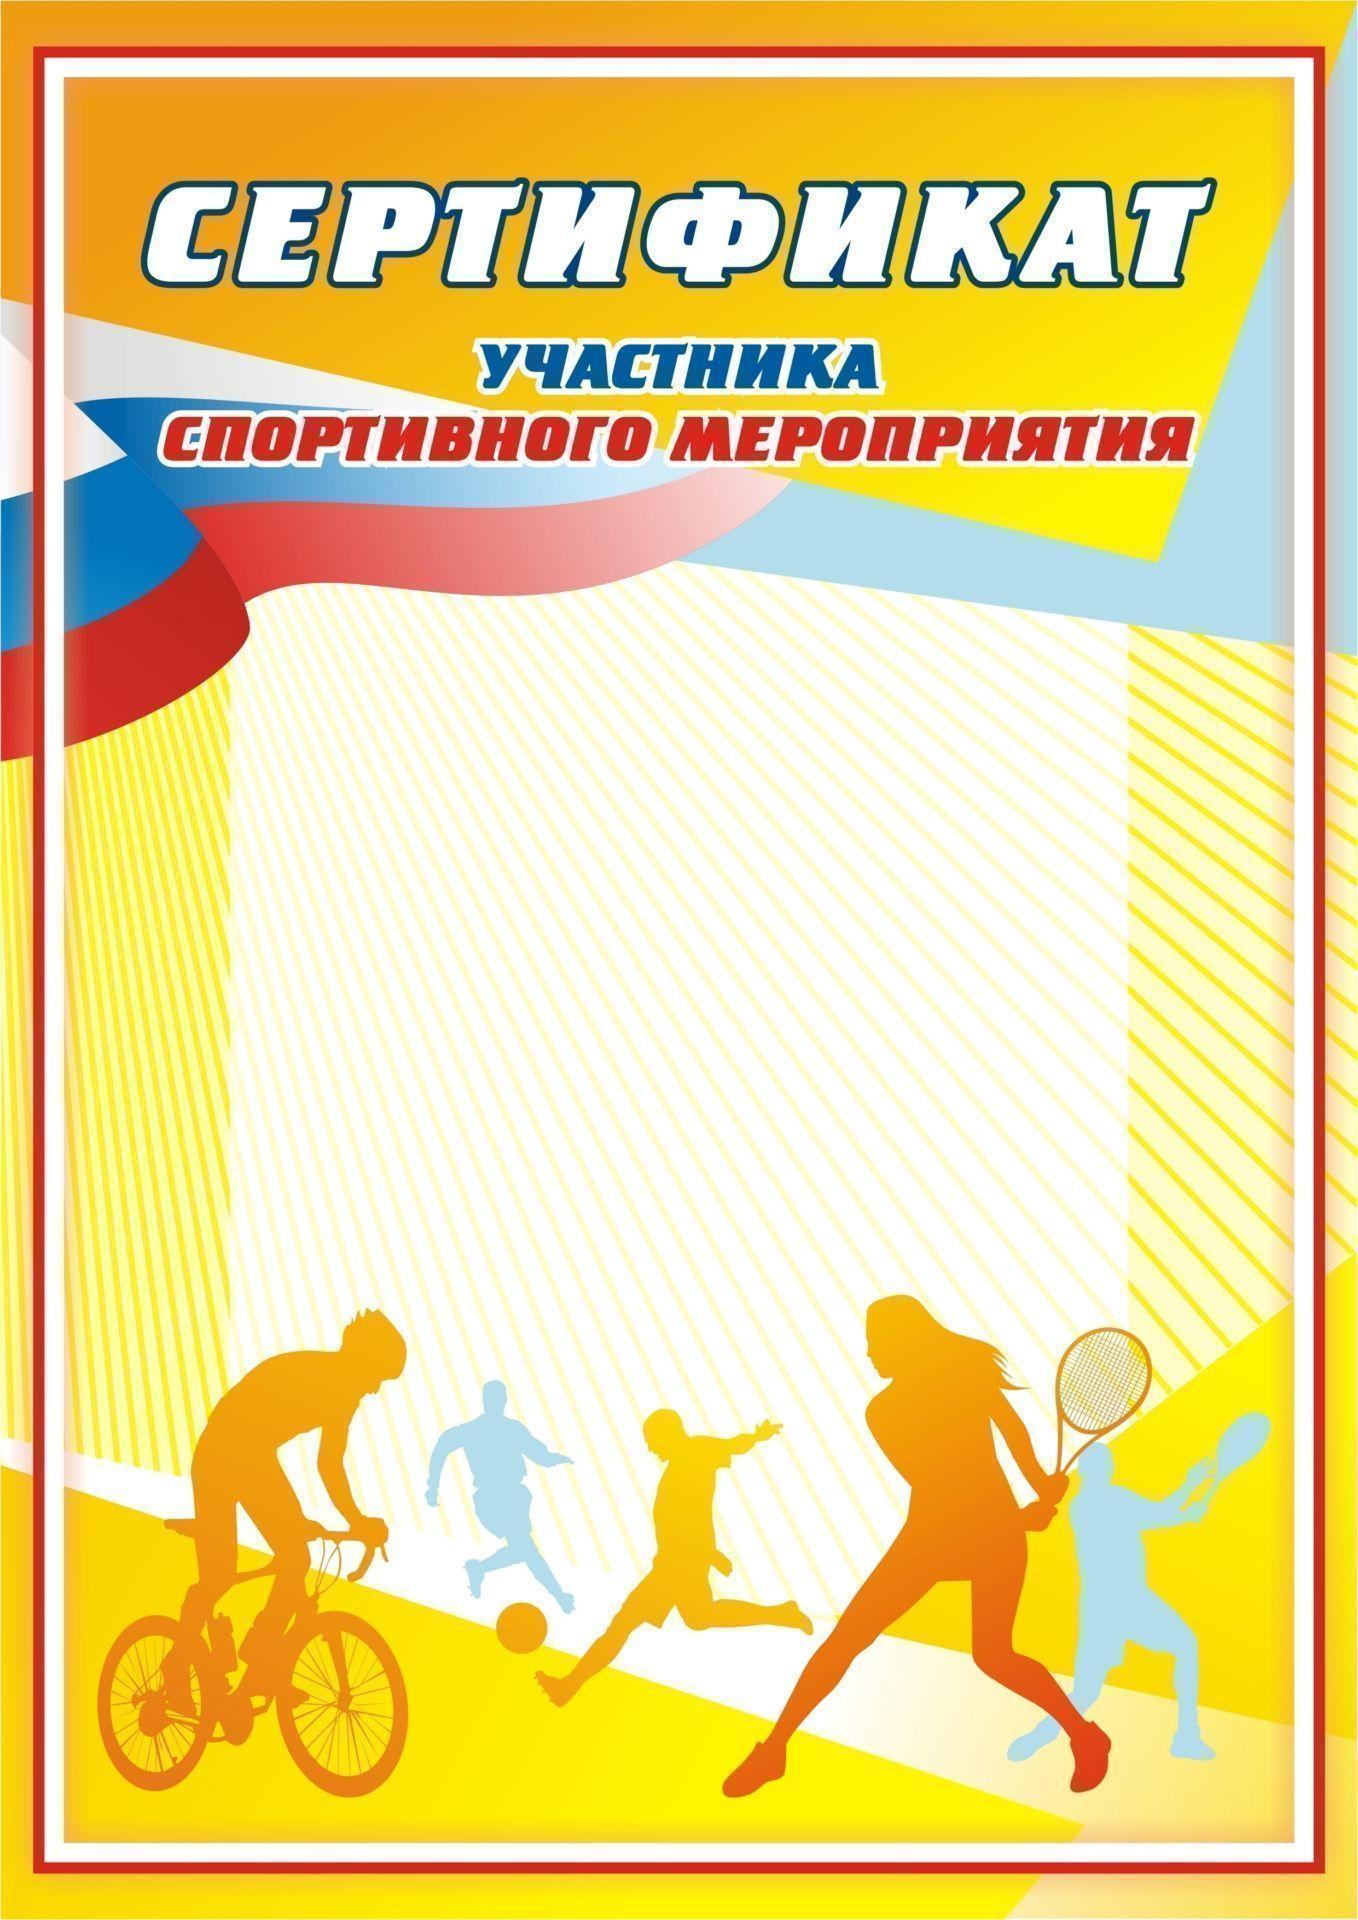 Сертификат участника спортивного мероприятия: (Формат А4,  бумага мелованная матовая)За спортивные достижения<br>.<br><br>Год: 2018<br>Высота: 297<br>Ширина: 210<br>Толщина: 0.27